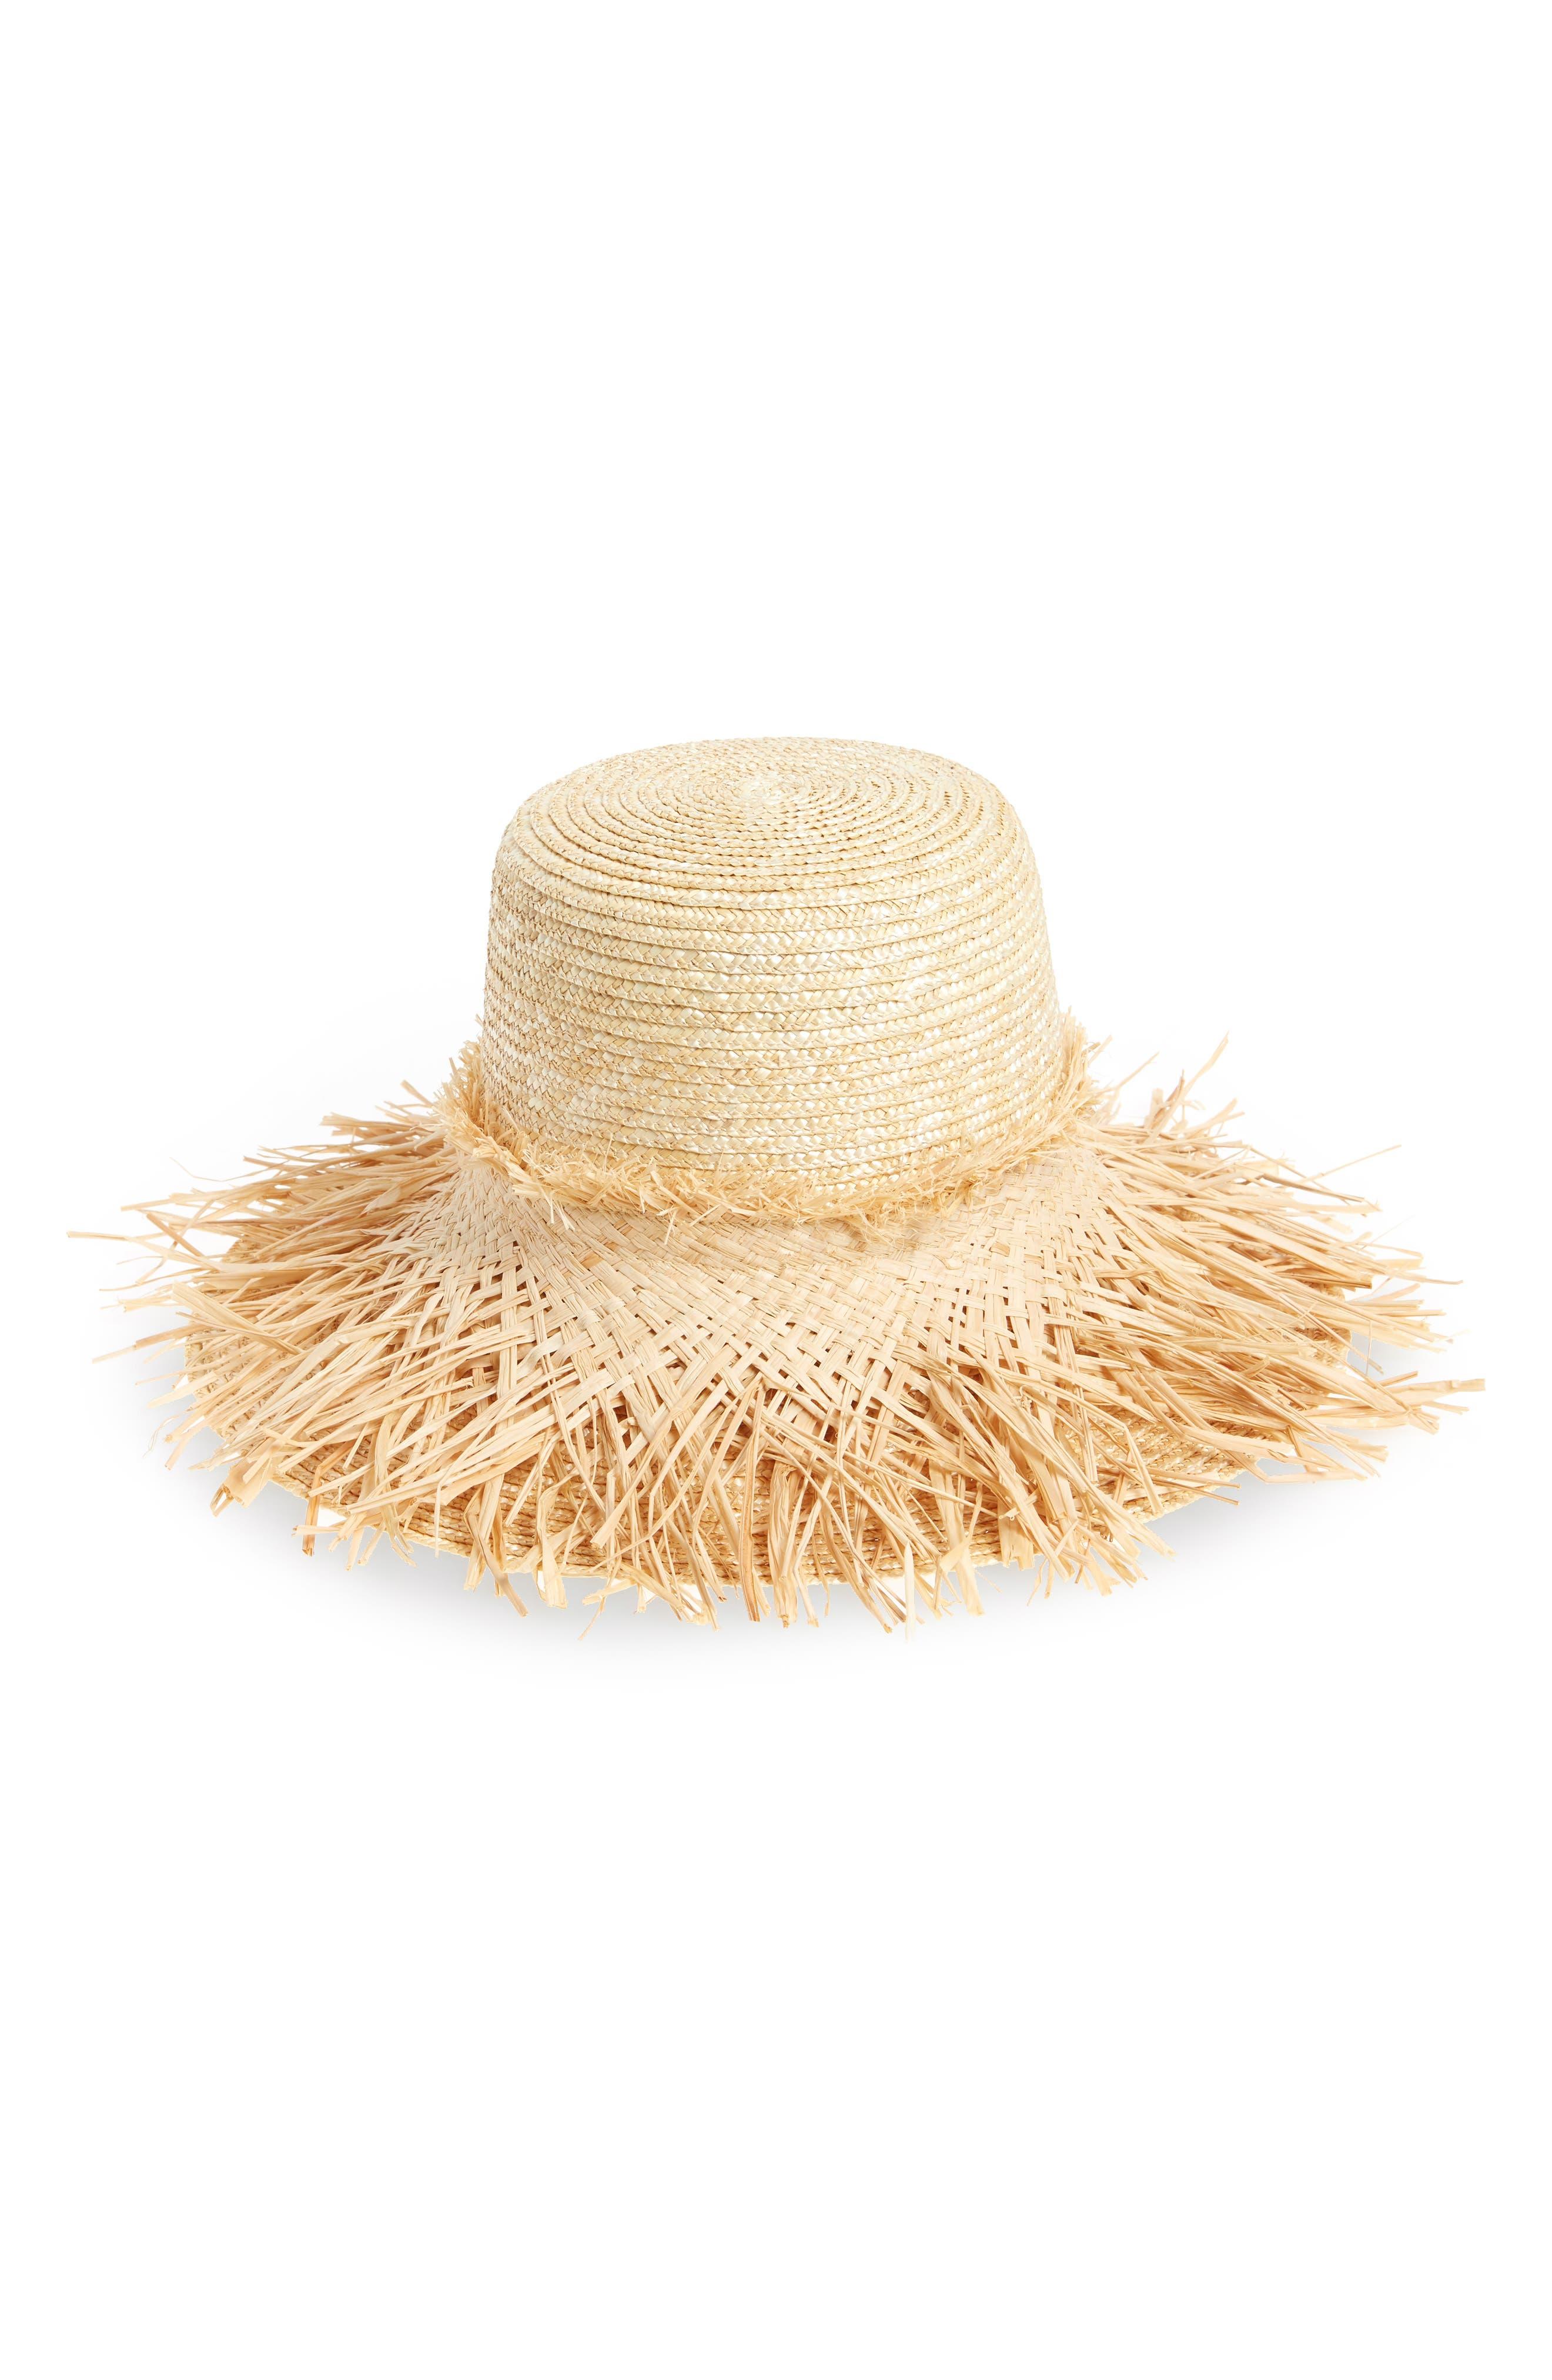 Hula Skirt Straw Hat,                             Main thumbnail 1, color,                             200